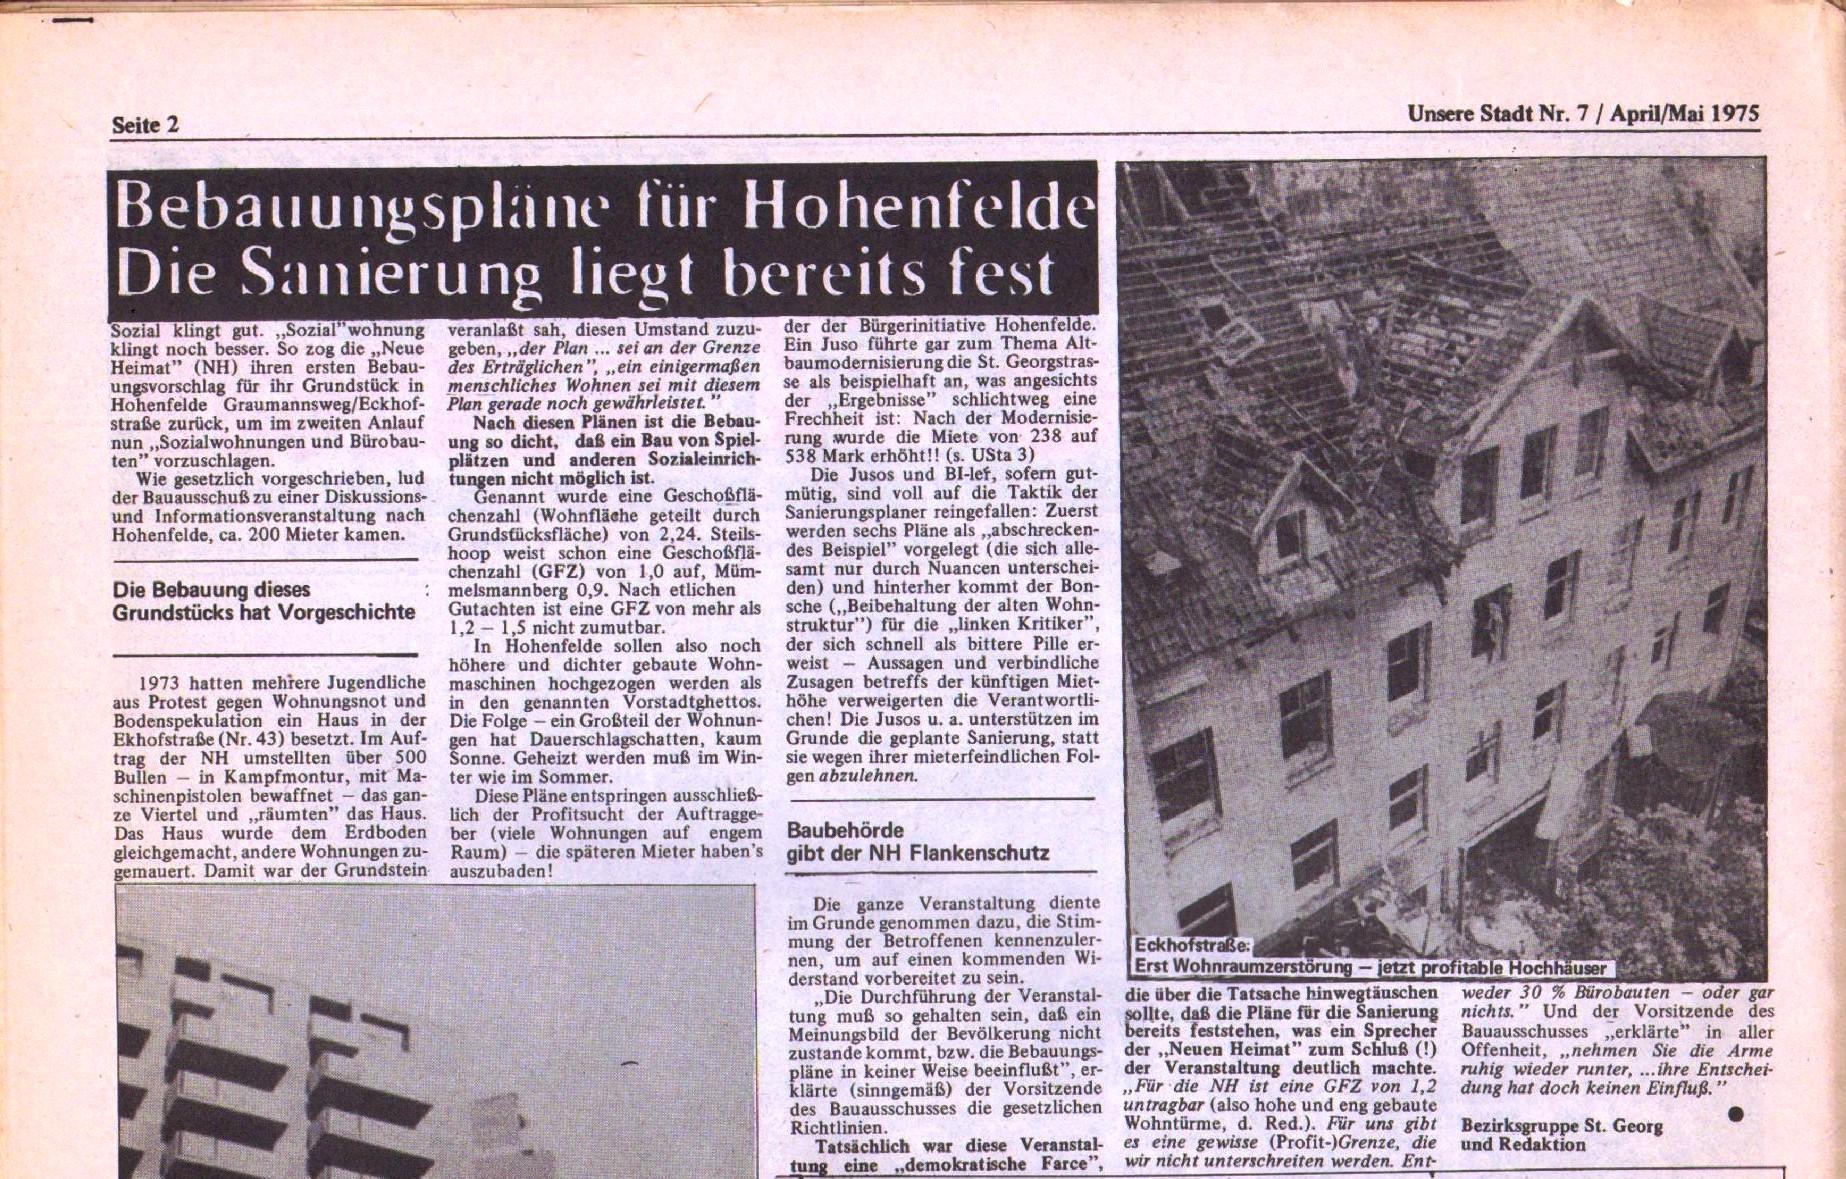 Hamburg_Unsere_Stadt111